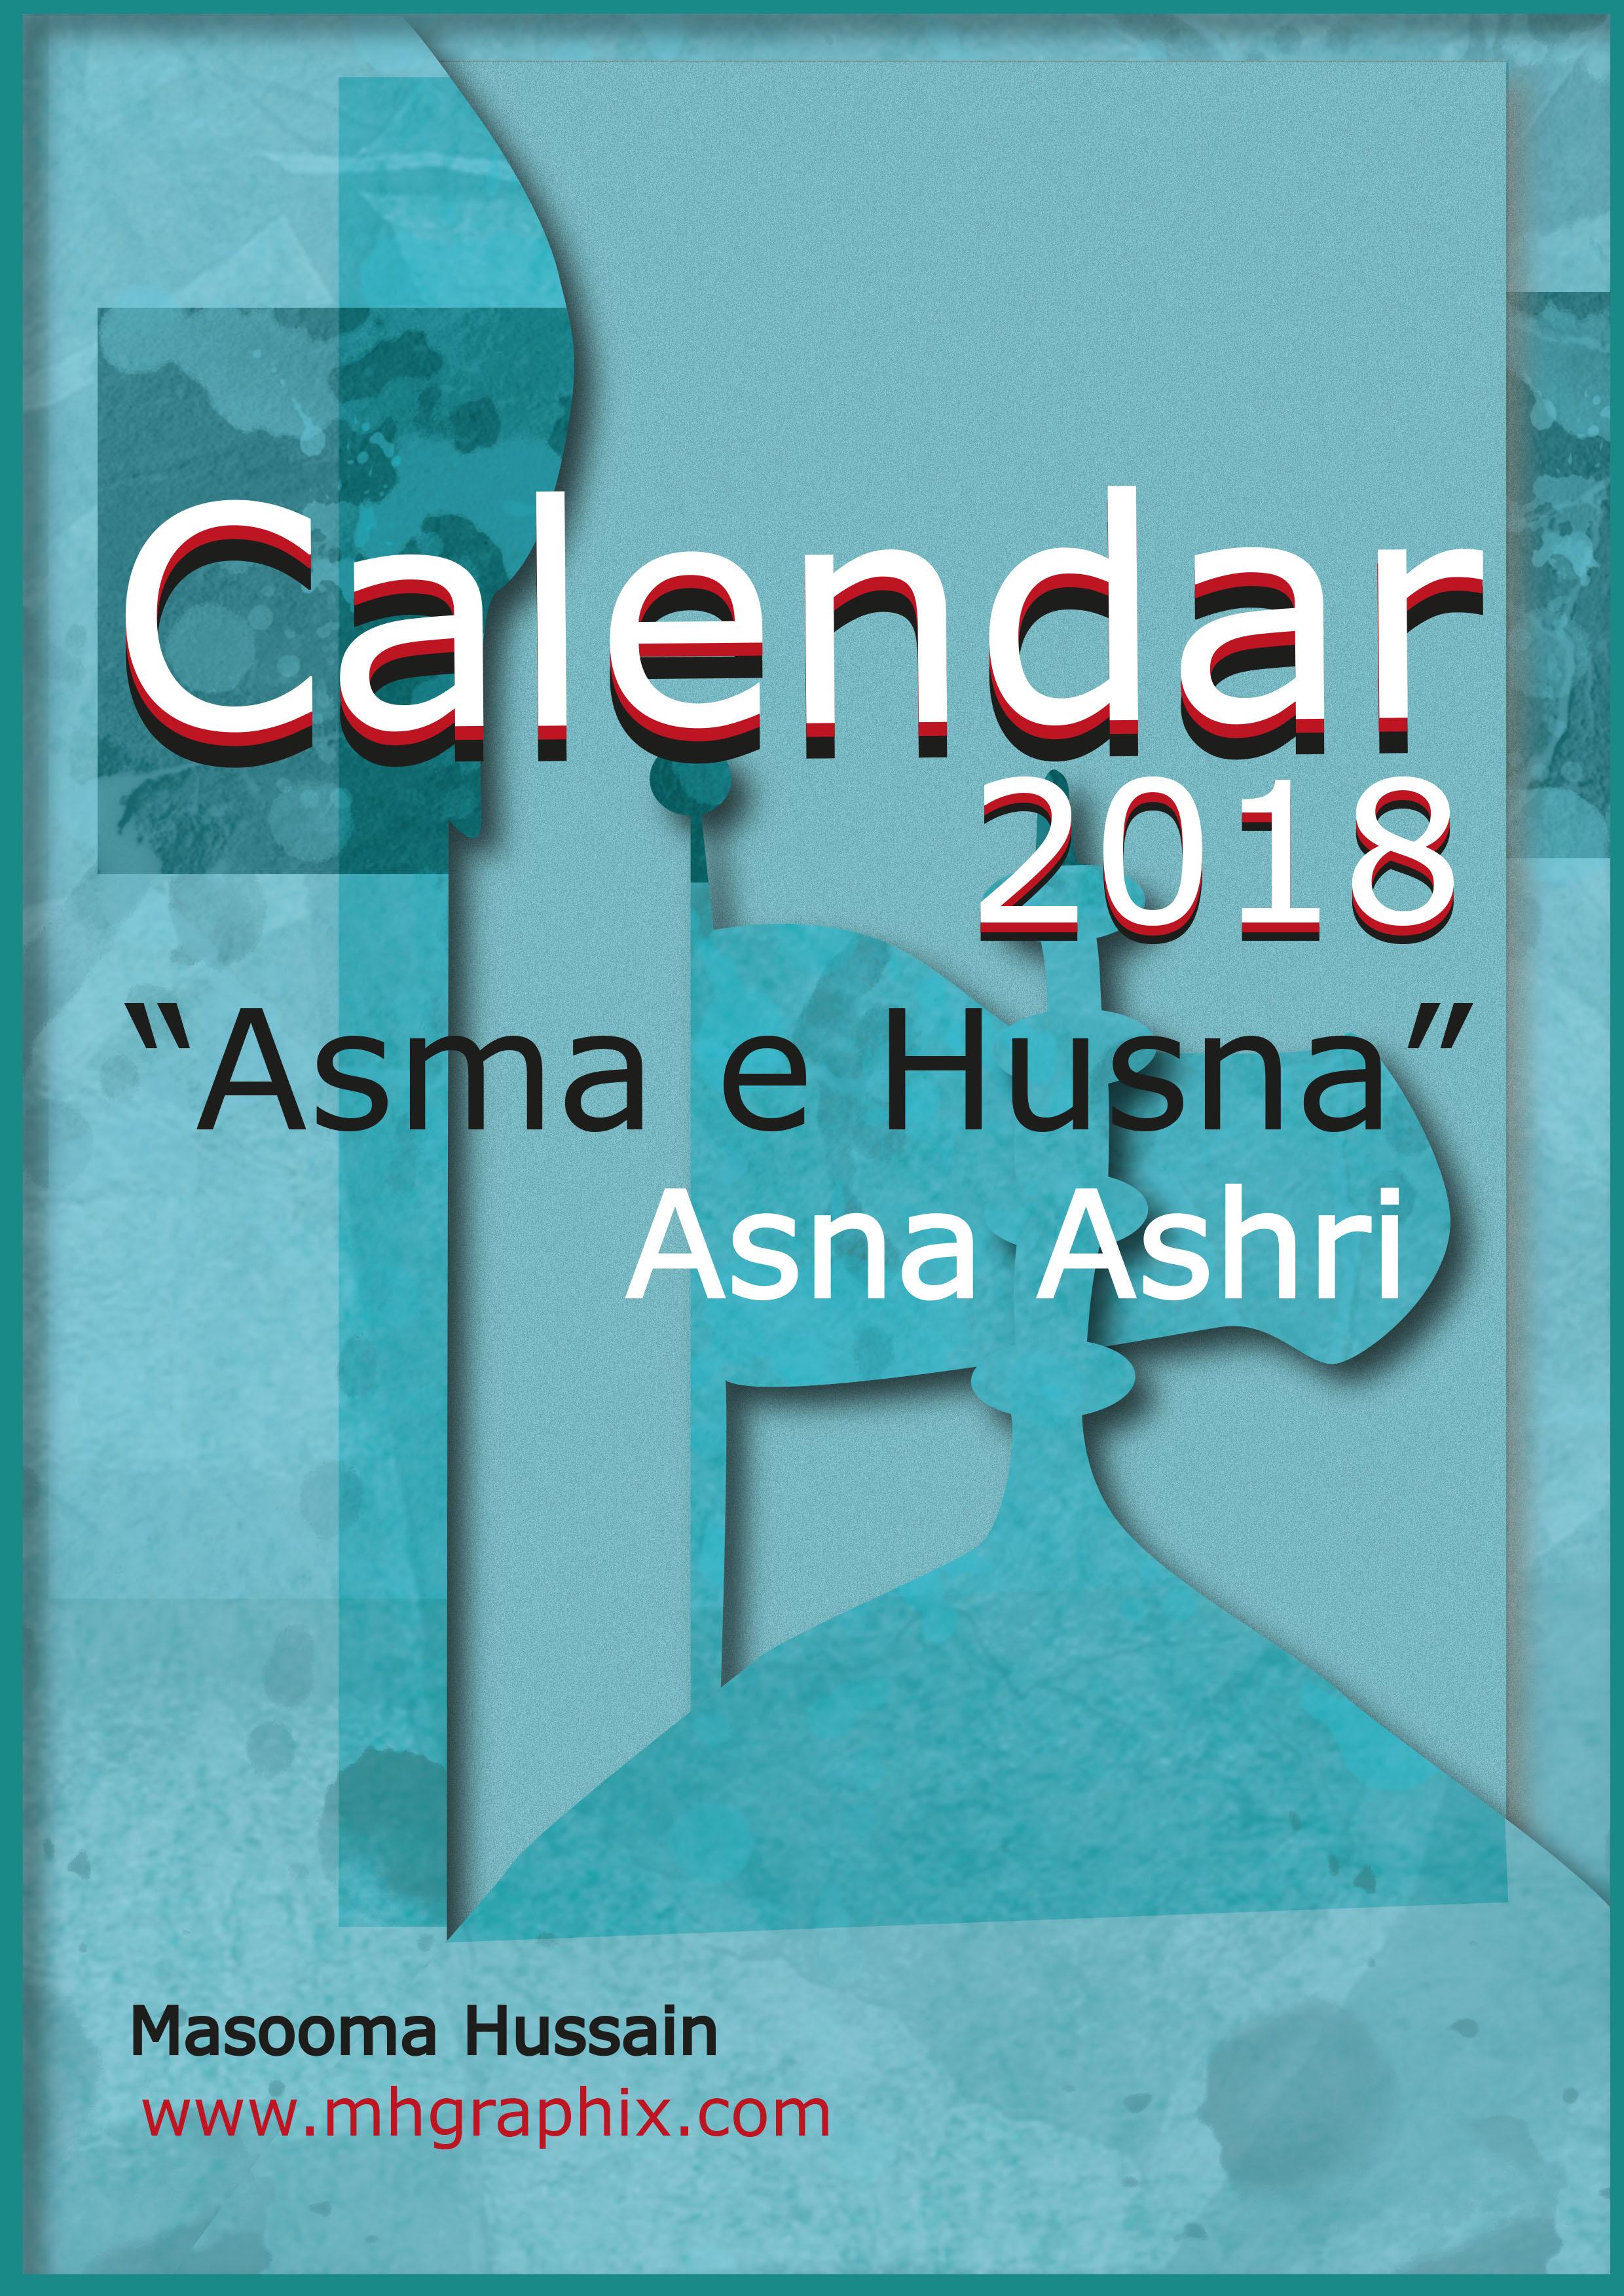 """Calendar 2018 Asna Ashri"""" Asma e Husna"""""""